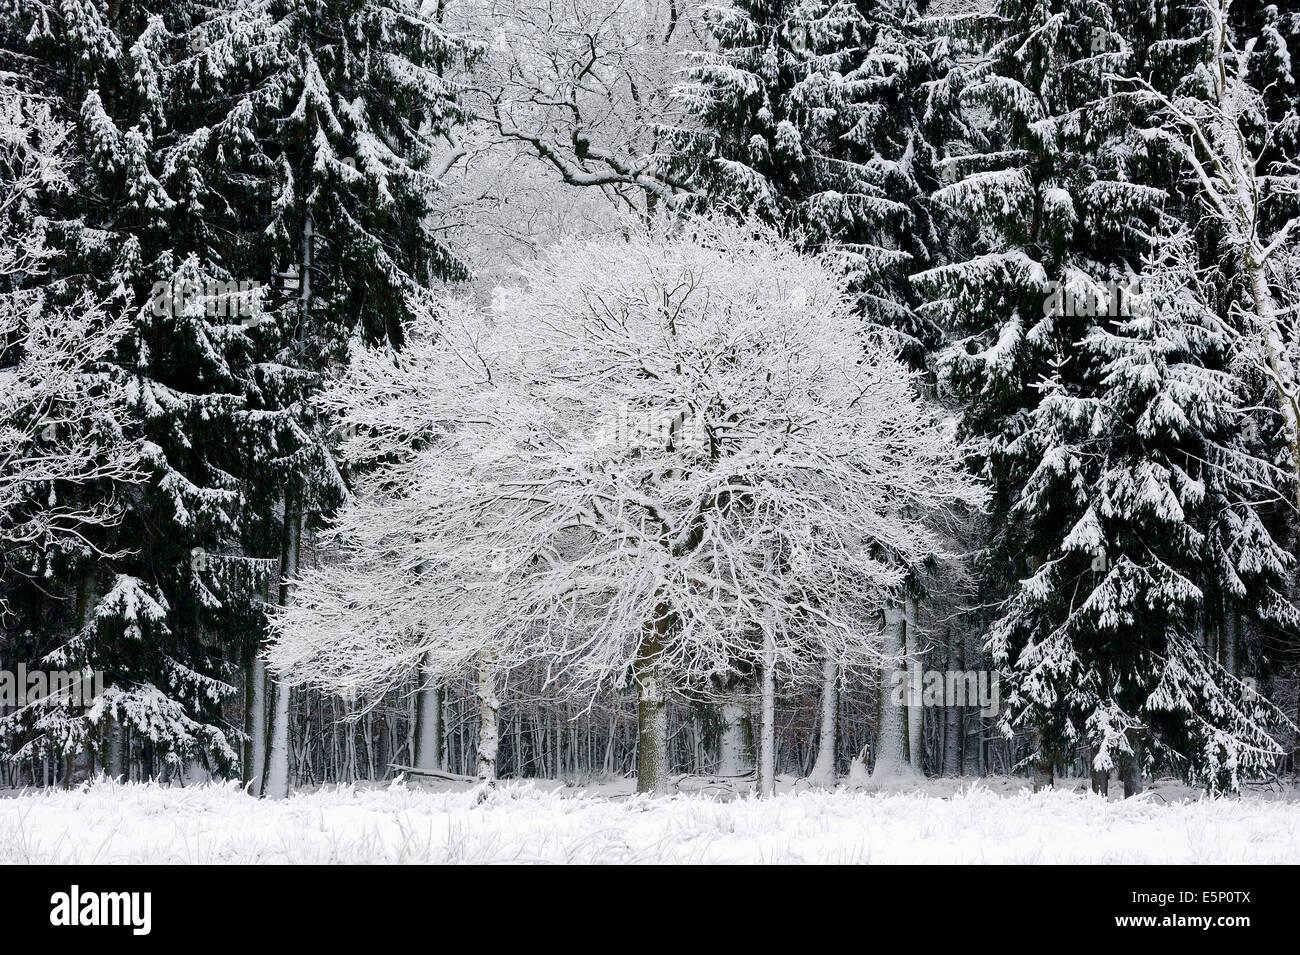 Pedunculate Oak (Quercus robur, Quercus pedunculata) and Norway Spruce (Picea abies) in winter, North Rhine-Westphalia, - Stock Image